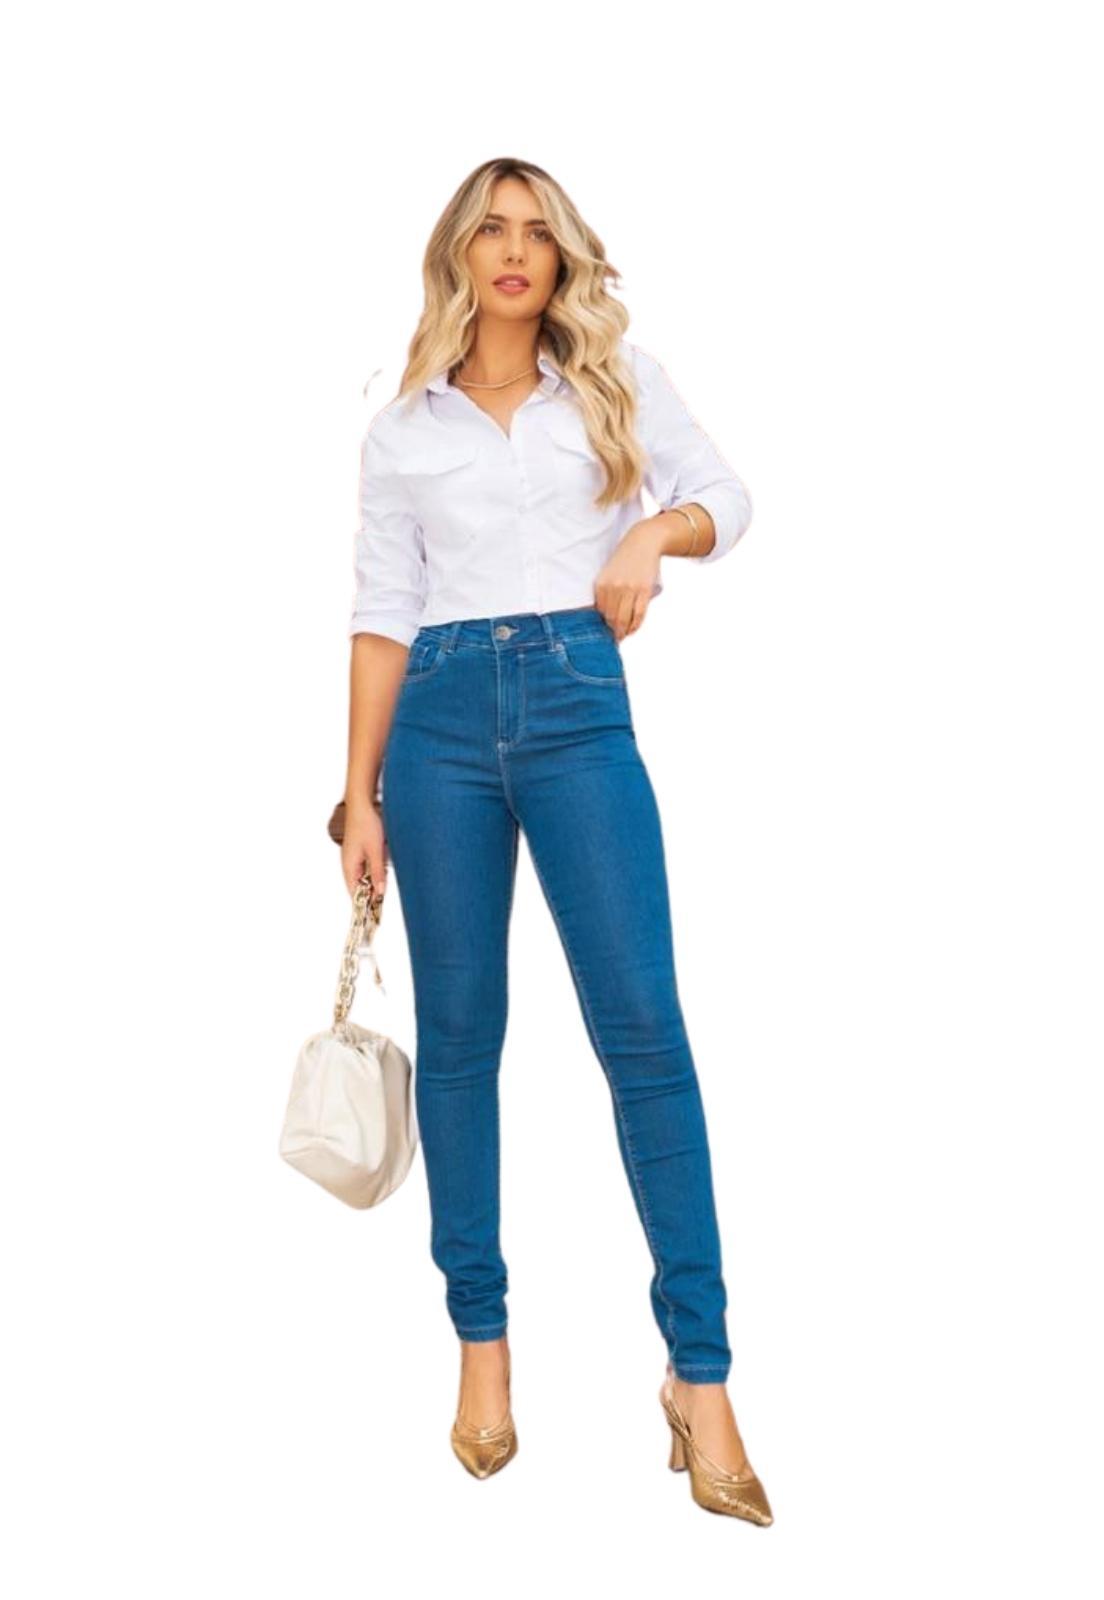 Calça Feminina Skinny Cintura Alta Jeans Médio com Elastano